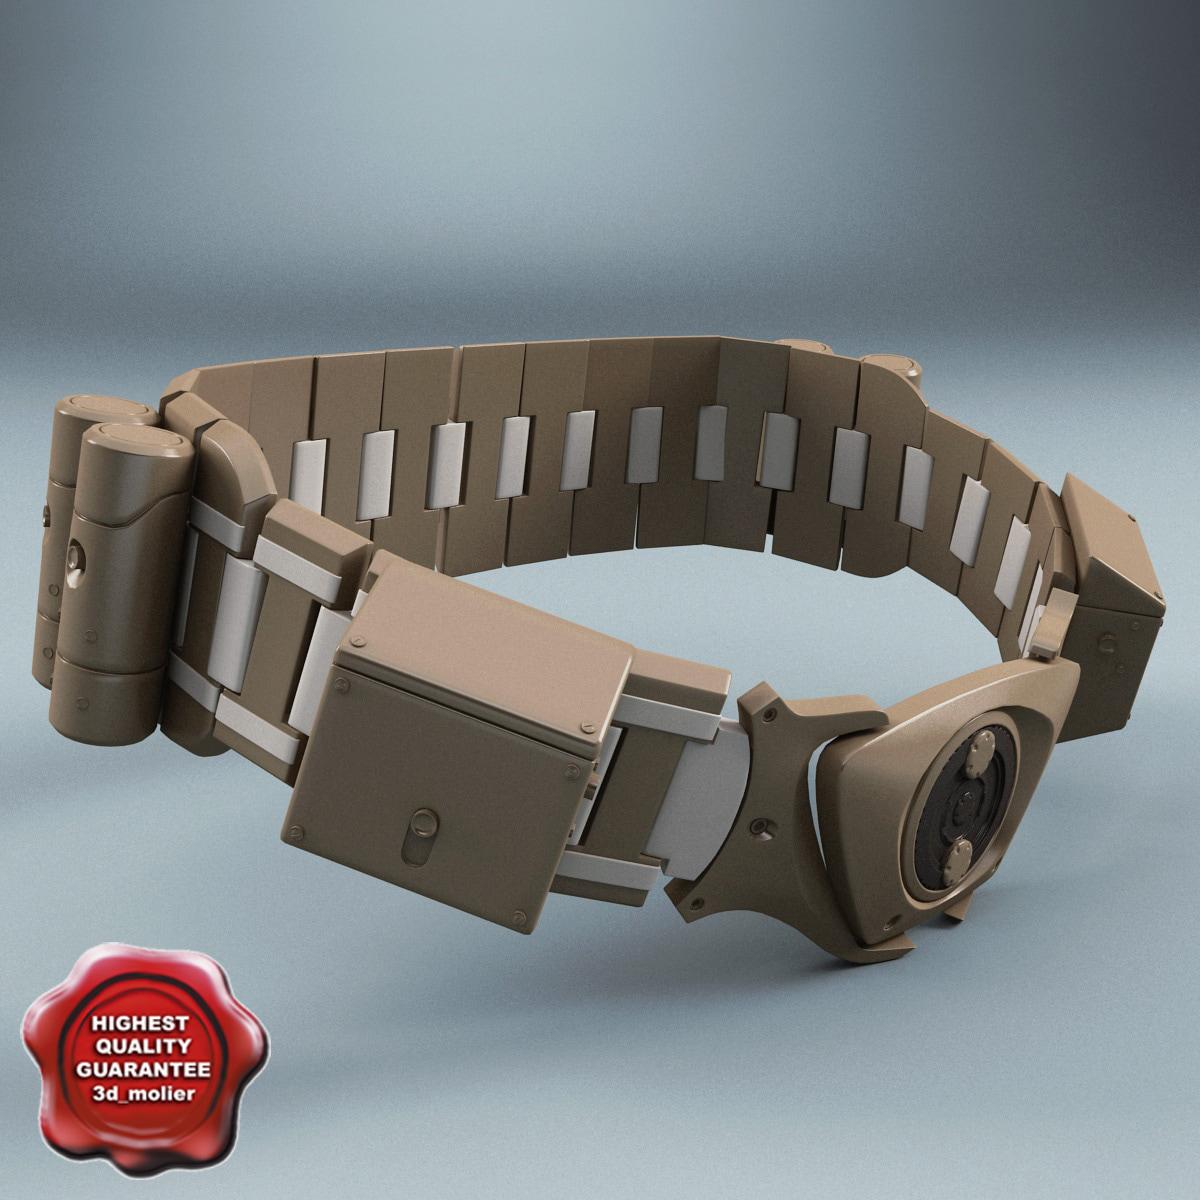 3d model batman belt